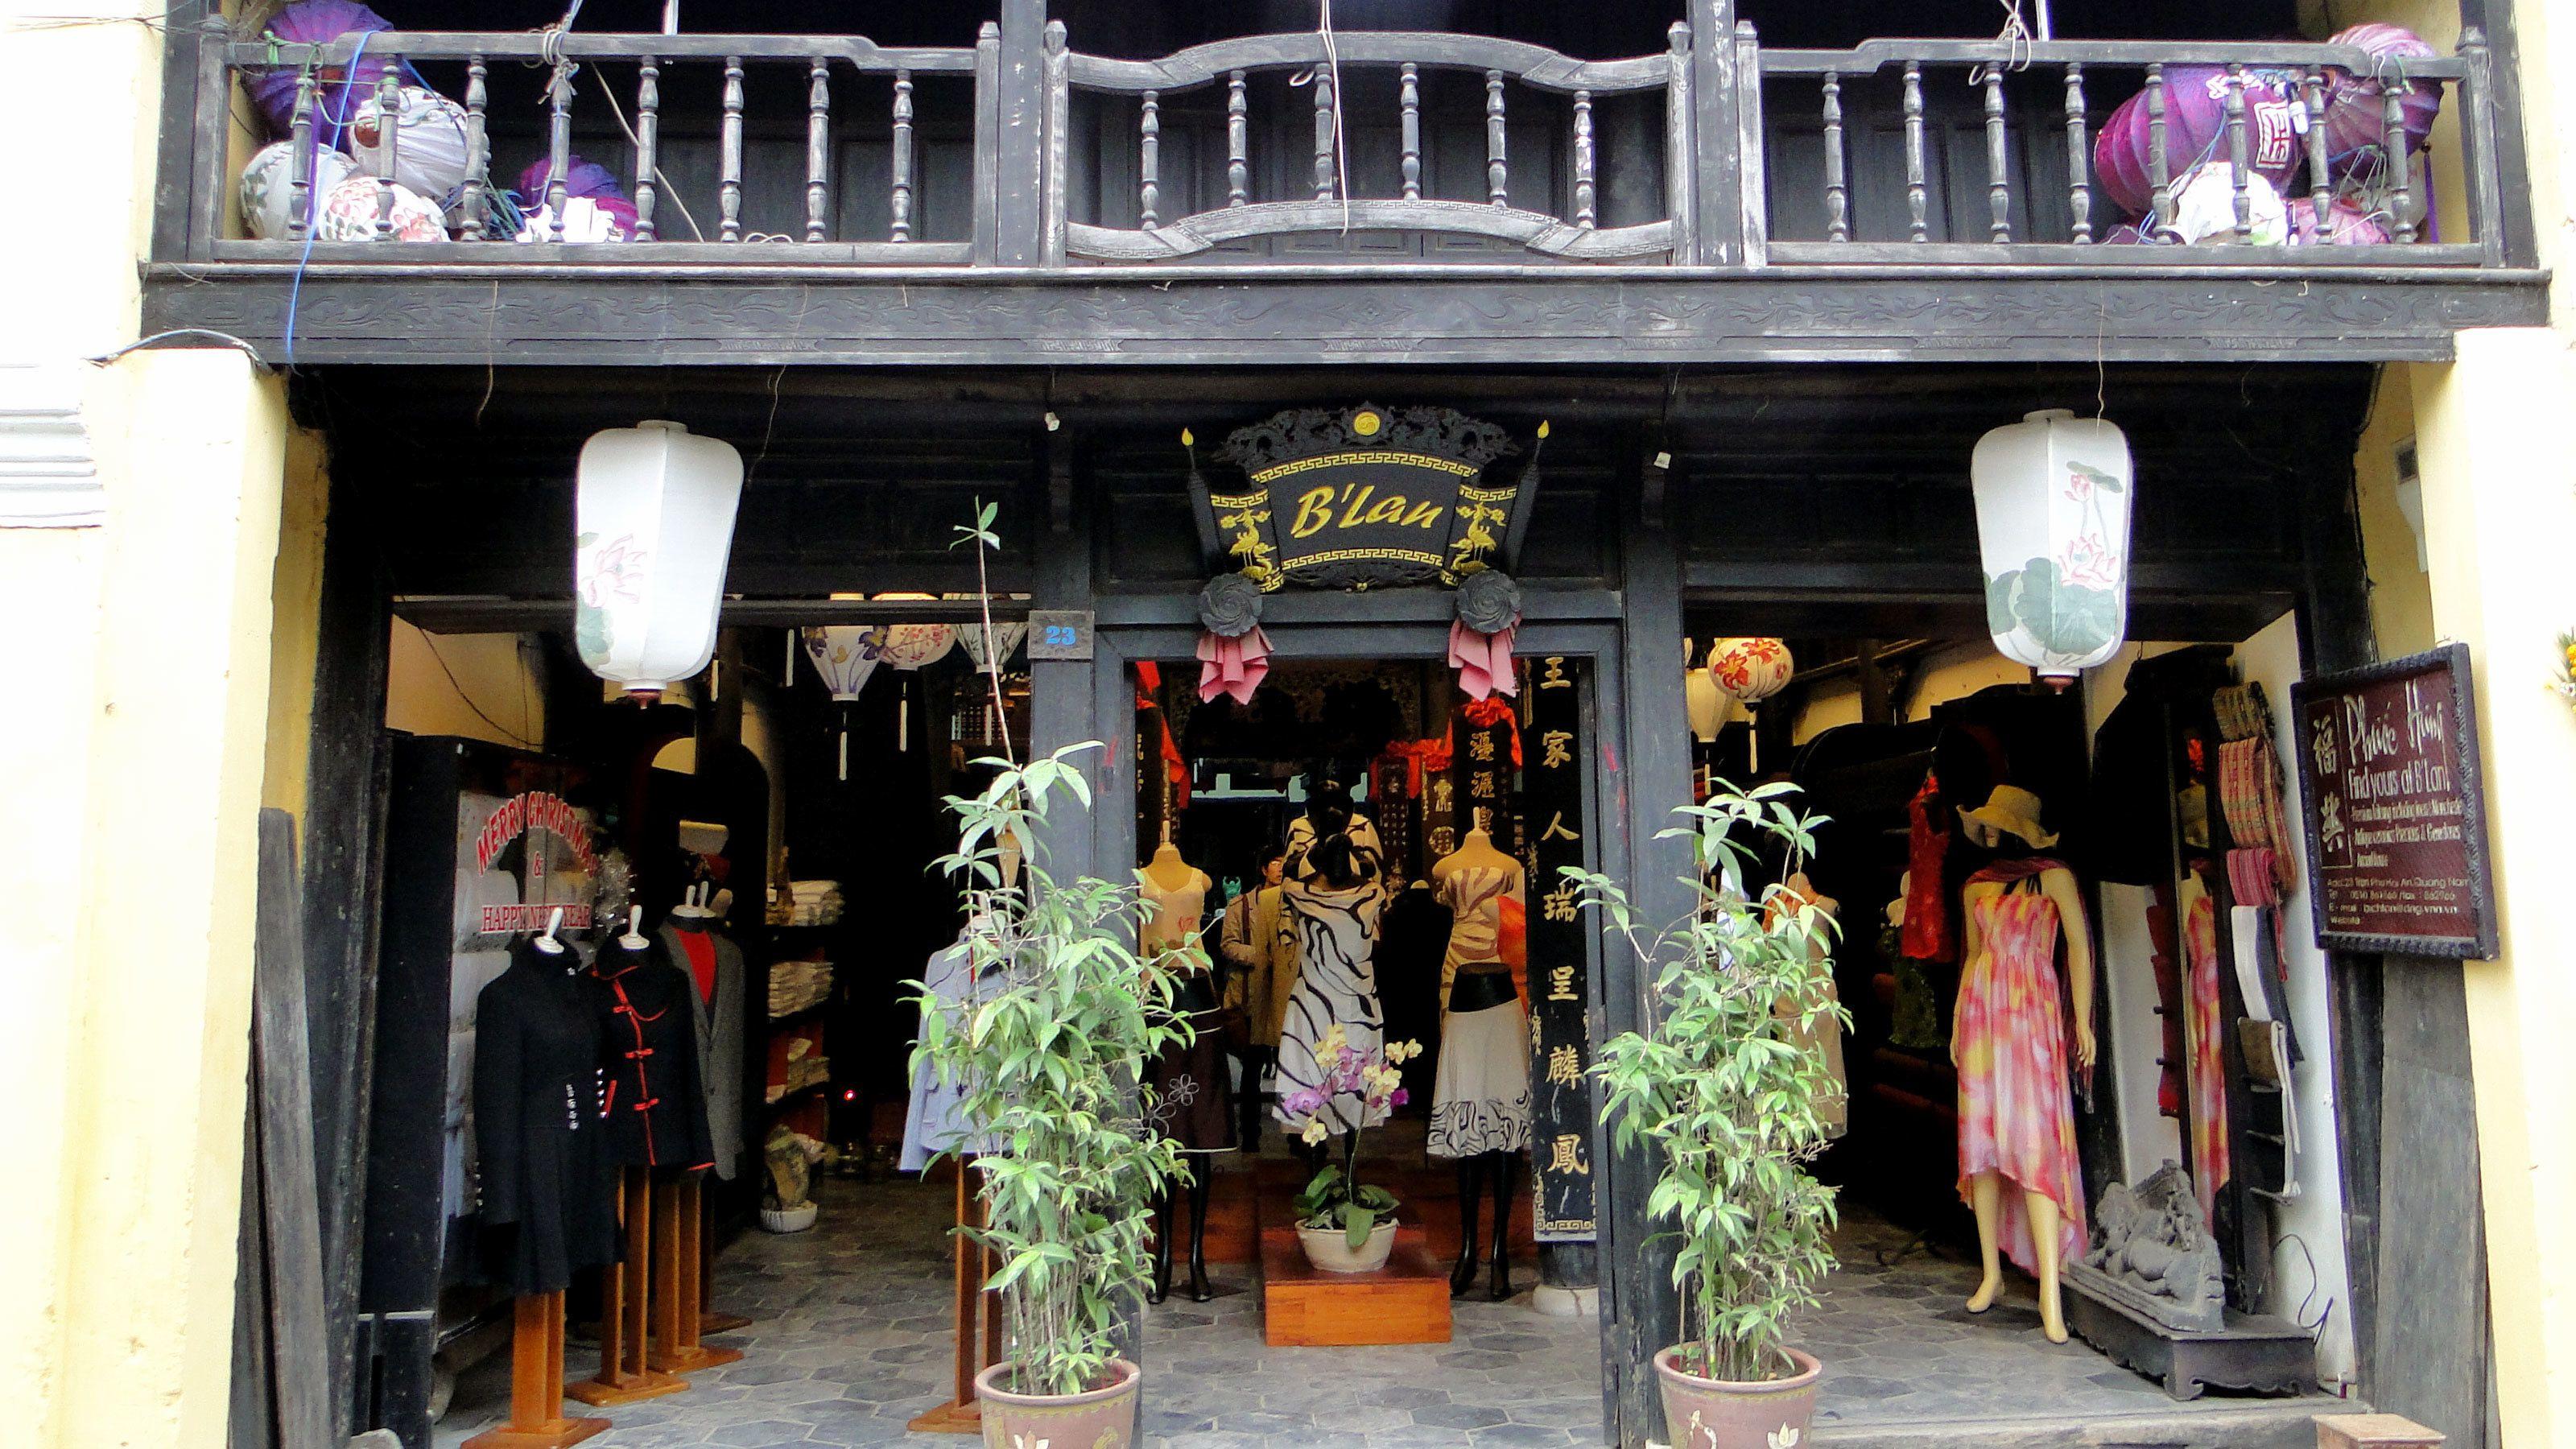 B'lan shop in Hoi An Vietnam